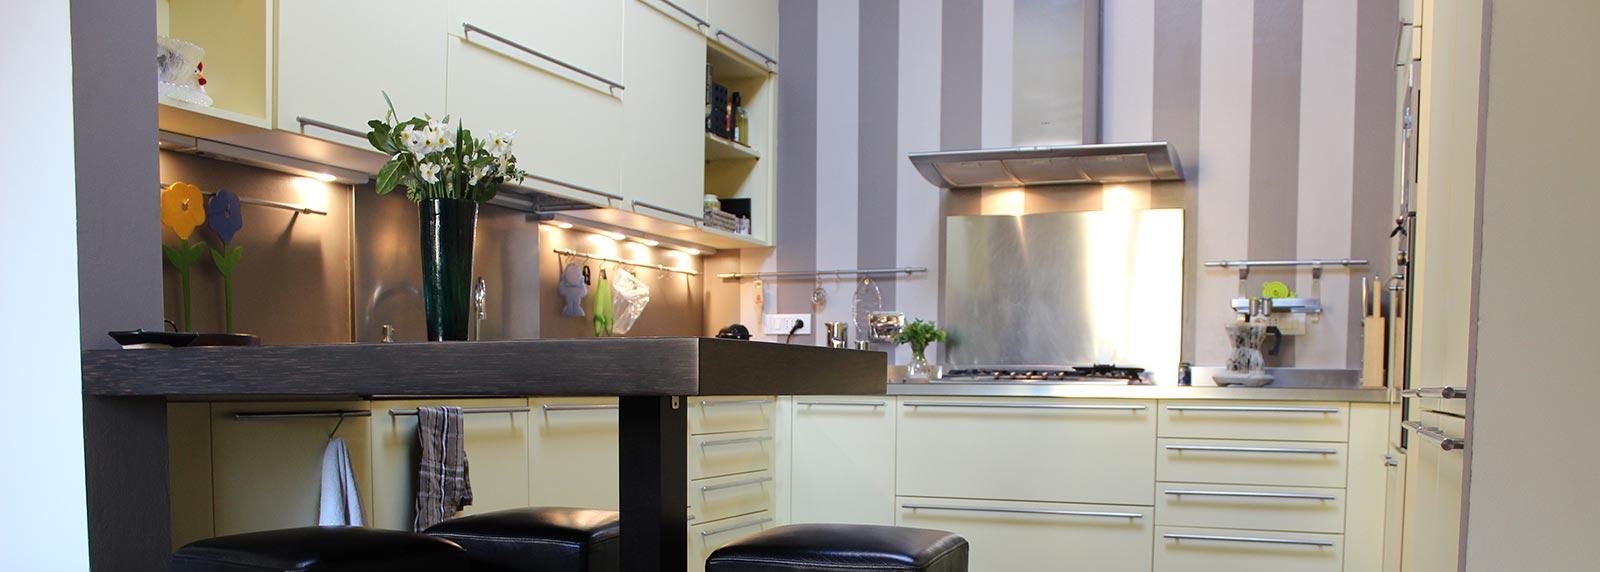 Illuminazione Volte A Padiglione: Soffitto a cassettoni moderno cucina e soggiorno un unico ...